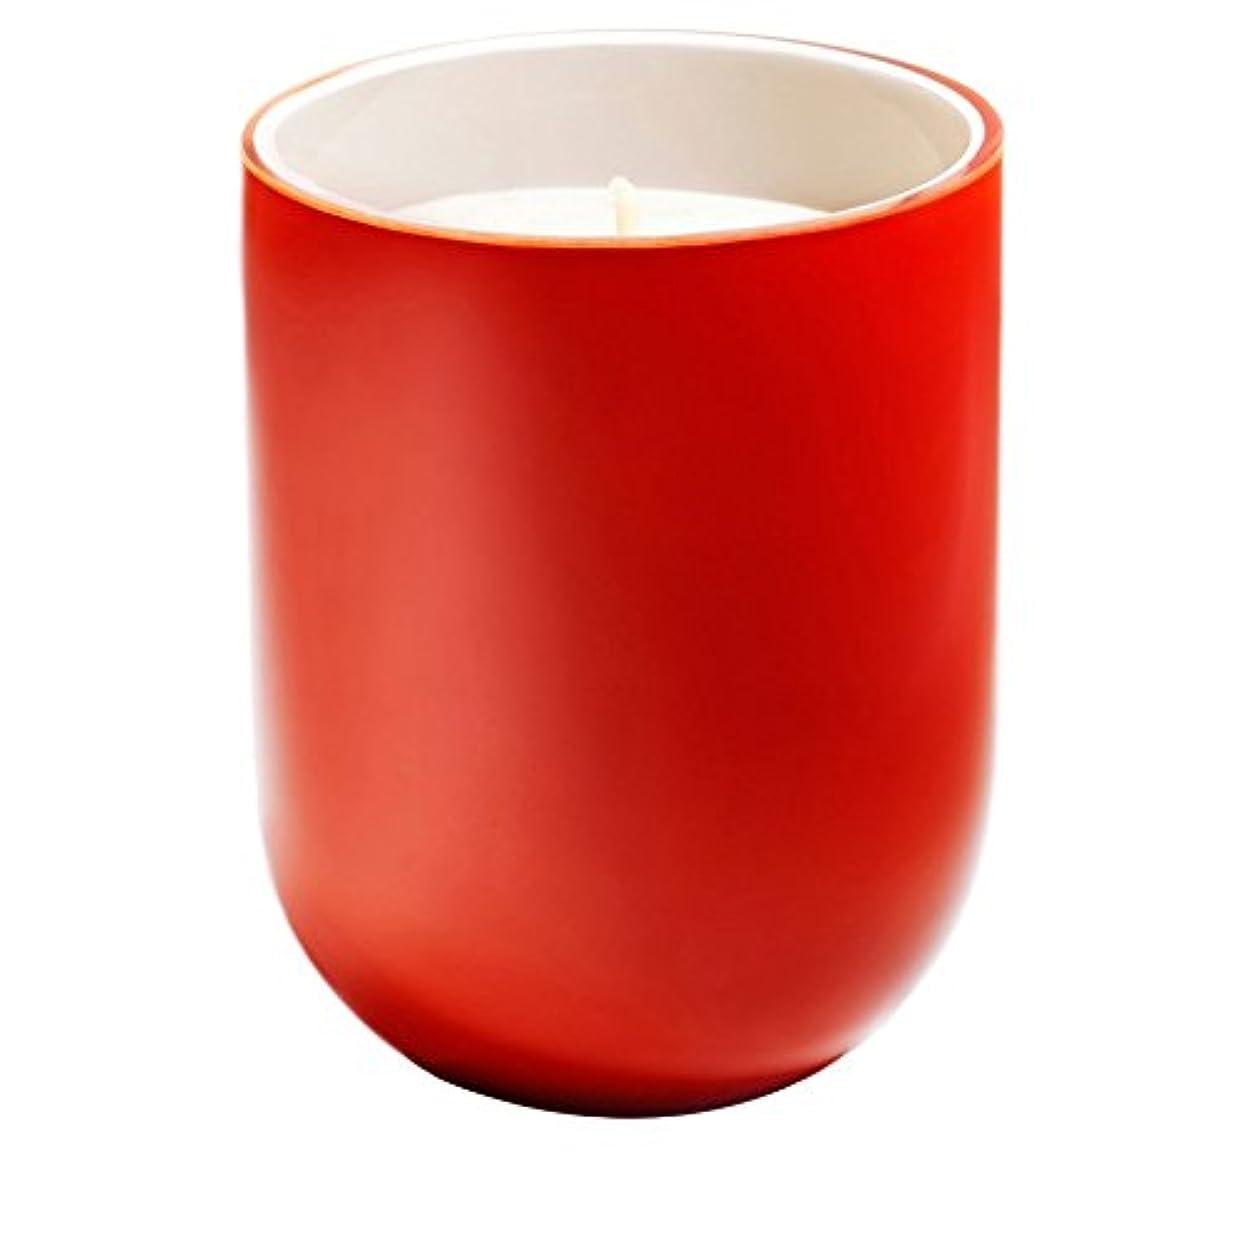 区画買収承知しましたフレデリック?マルプルミエ舞香りのキャンドル x6 - Frederic Malle 1er Mai Scented Candle (Pack of 6) [並行輸入品]